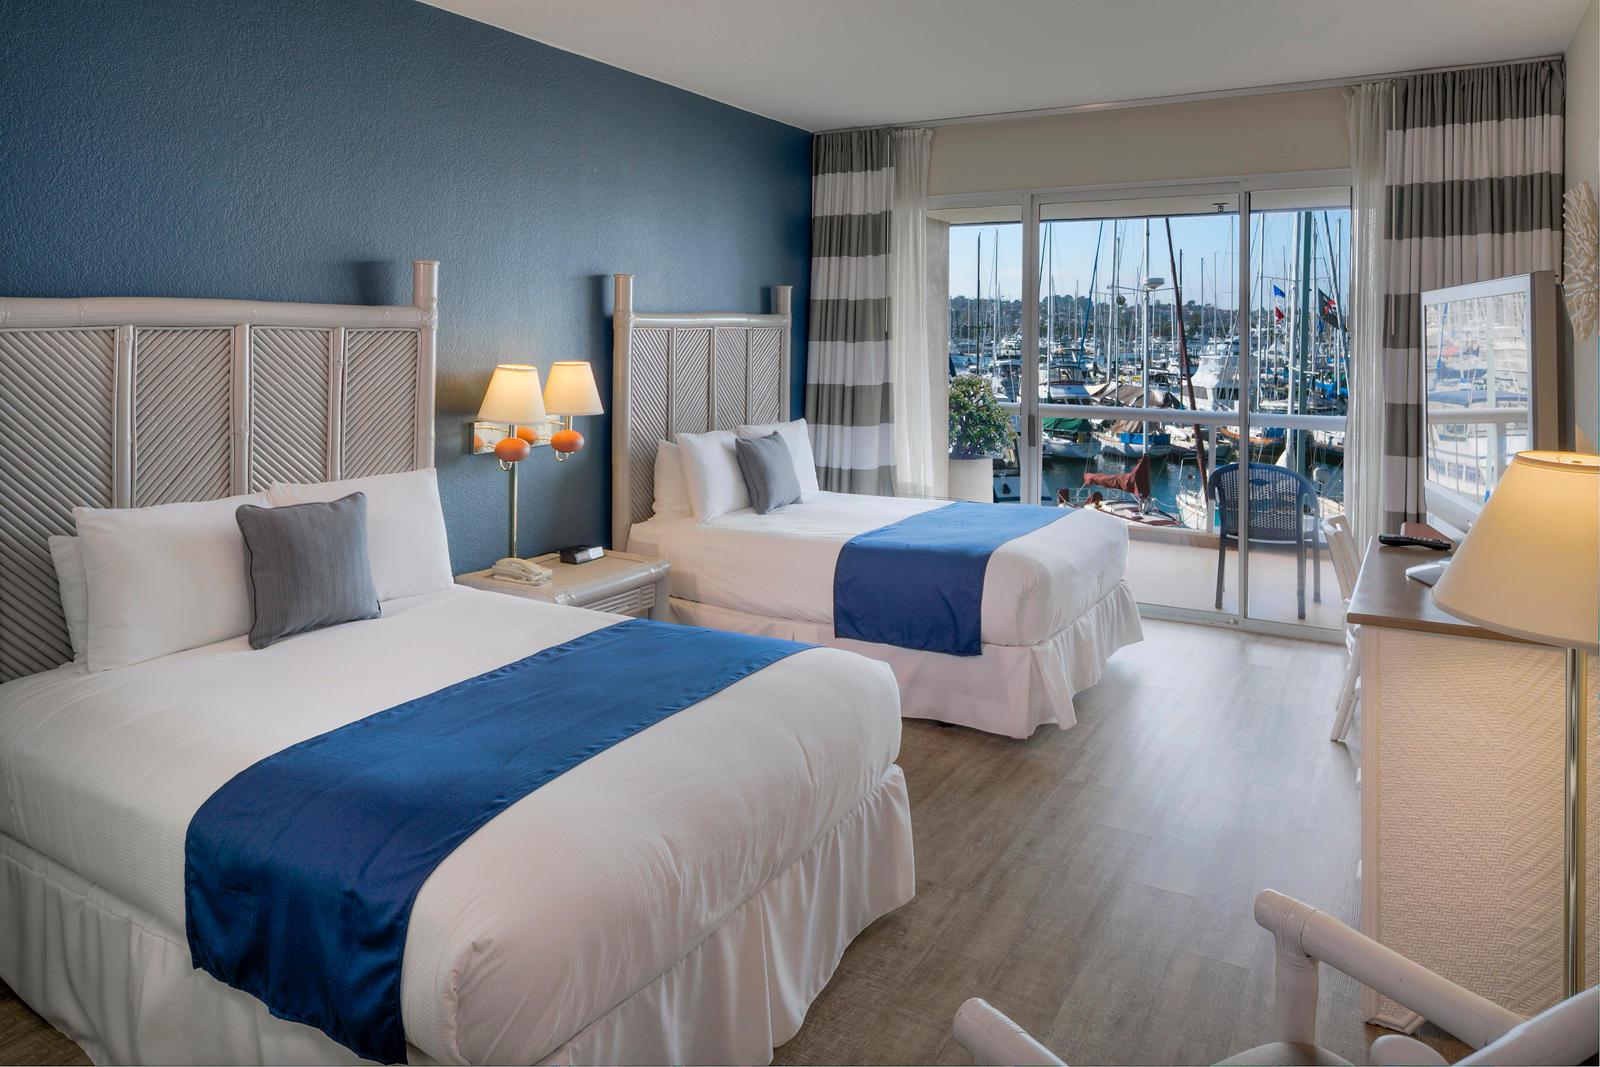 The Bay Club Hotel & Marina image 4